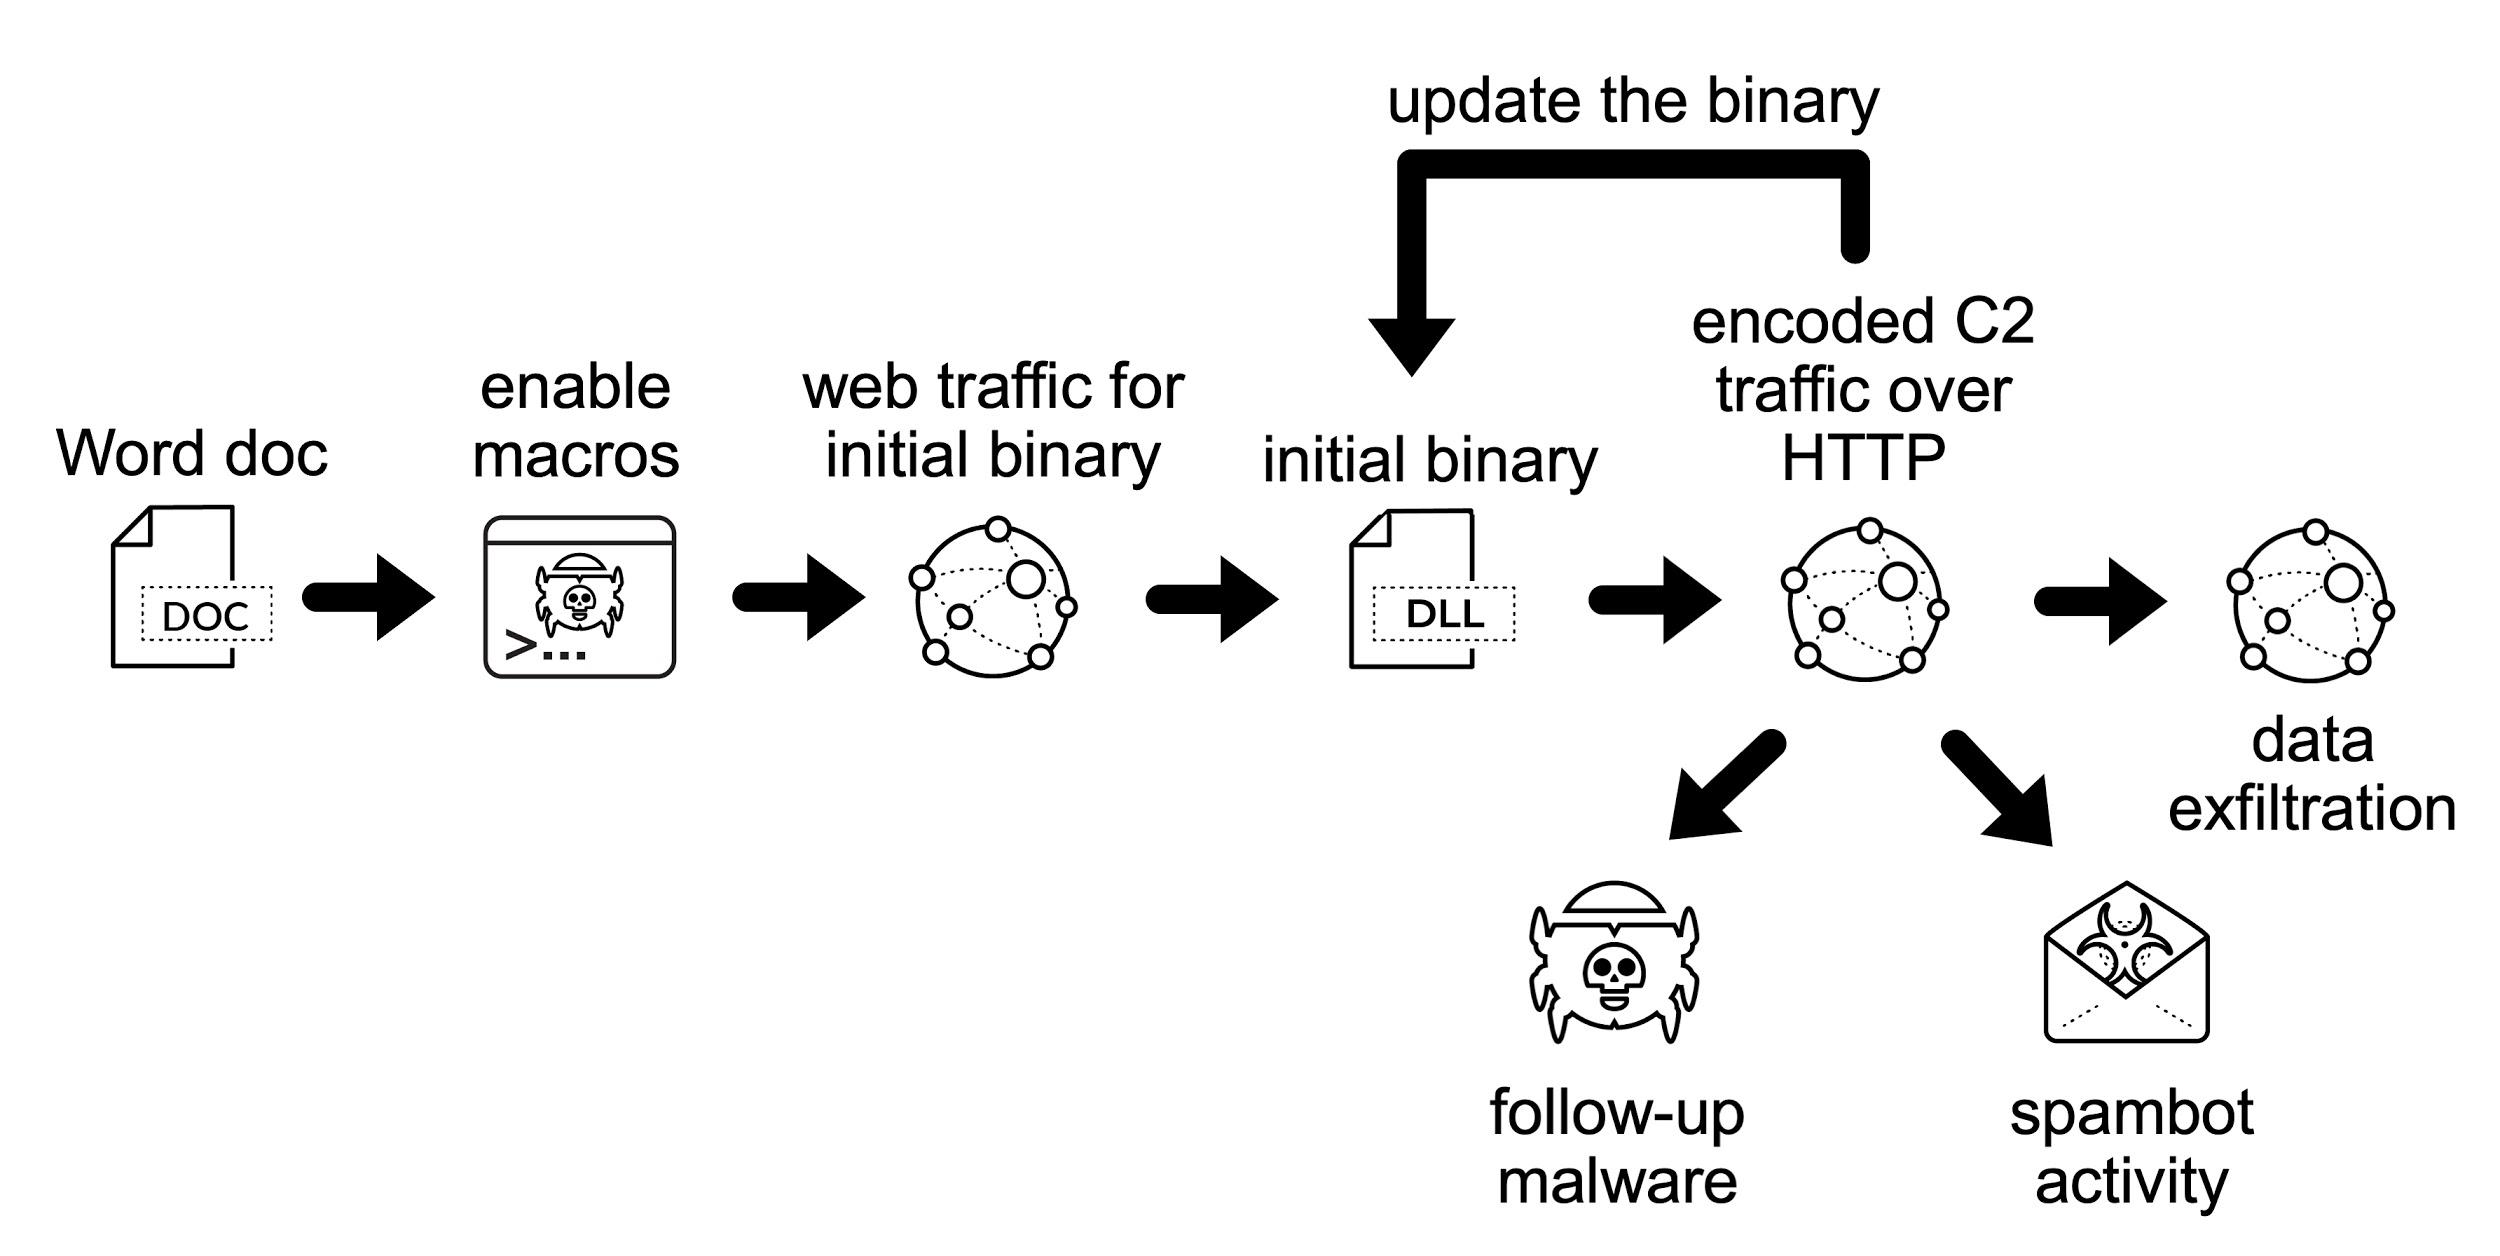 Emotet感染フローチャート: Wordドキュメント → マクロの有効化 → 初期バイナリを要求するWebトラフィック。そこから、HTTPによるエンコードされたC2トラフィック。ここが感染フローチャートでのハブとなって、この後のフォローアップマルウェア、スパムボットアクティビティ、データ漏出、バイナリの更新につながる可能性がある